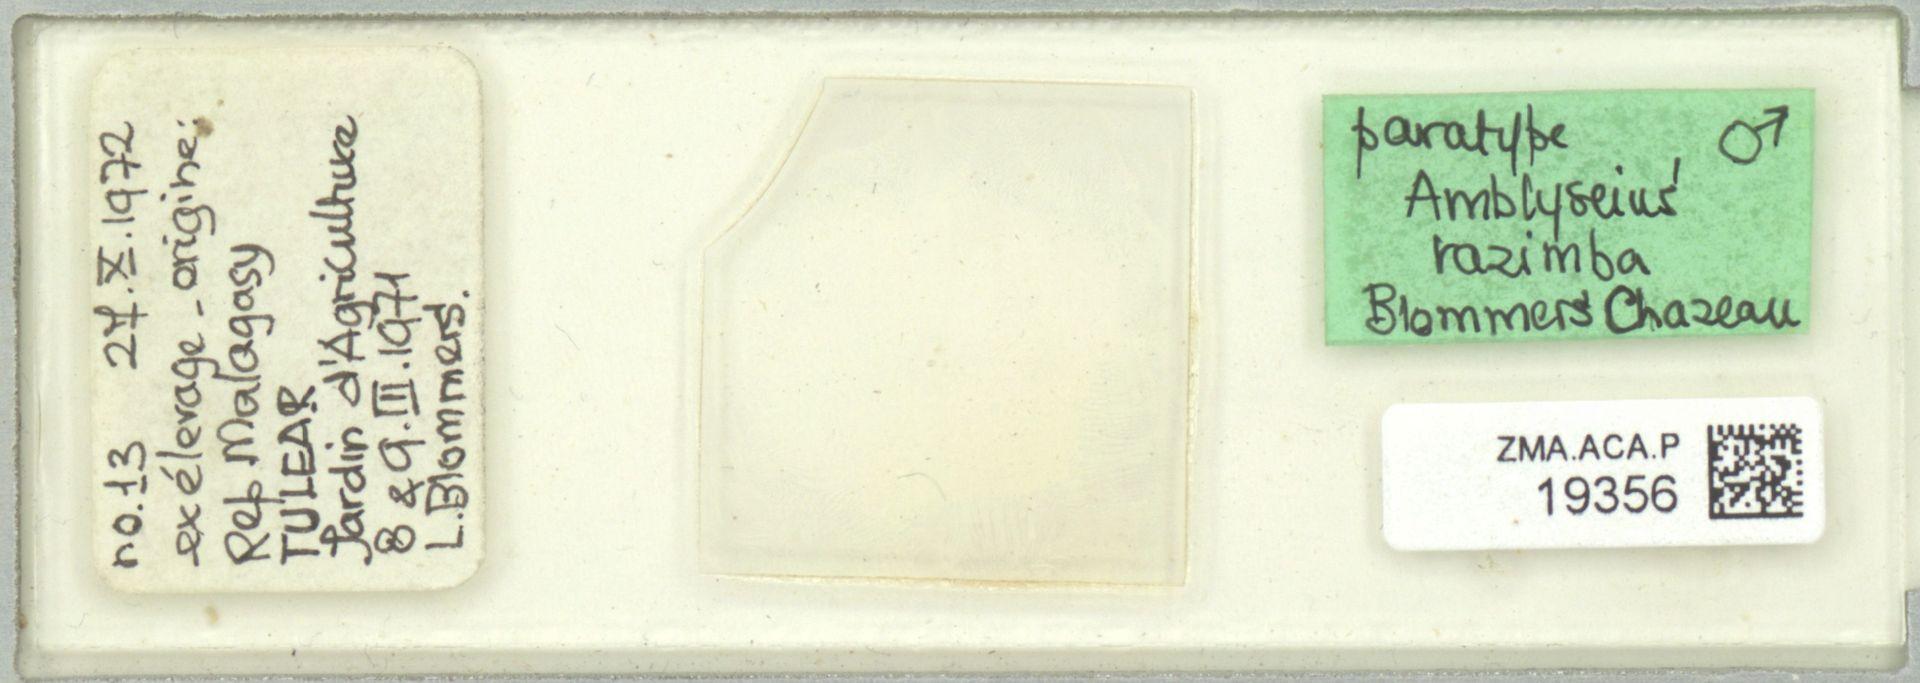 ZMA.ACA.P.19356 | Amblyseius razimba Blommers & Chazeau